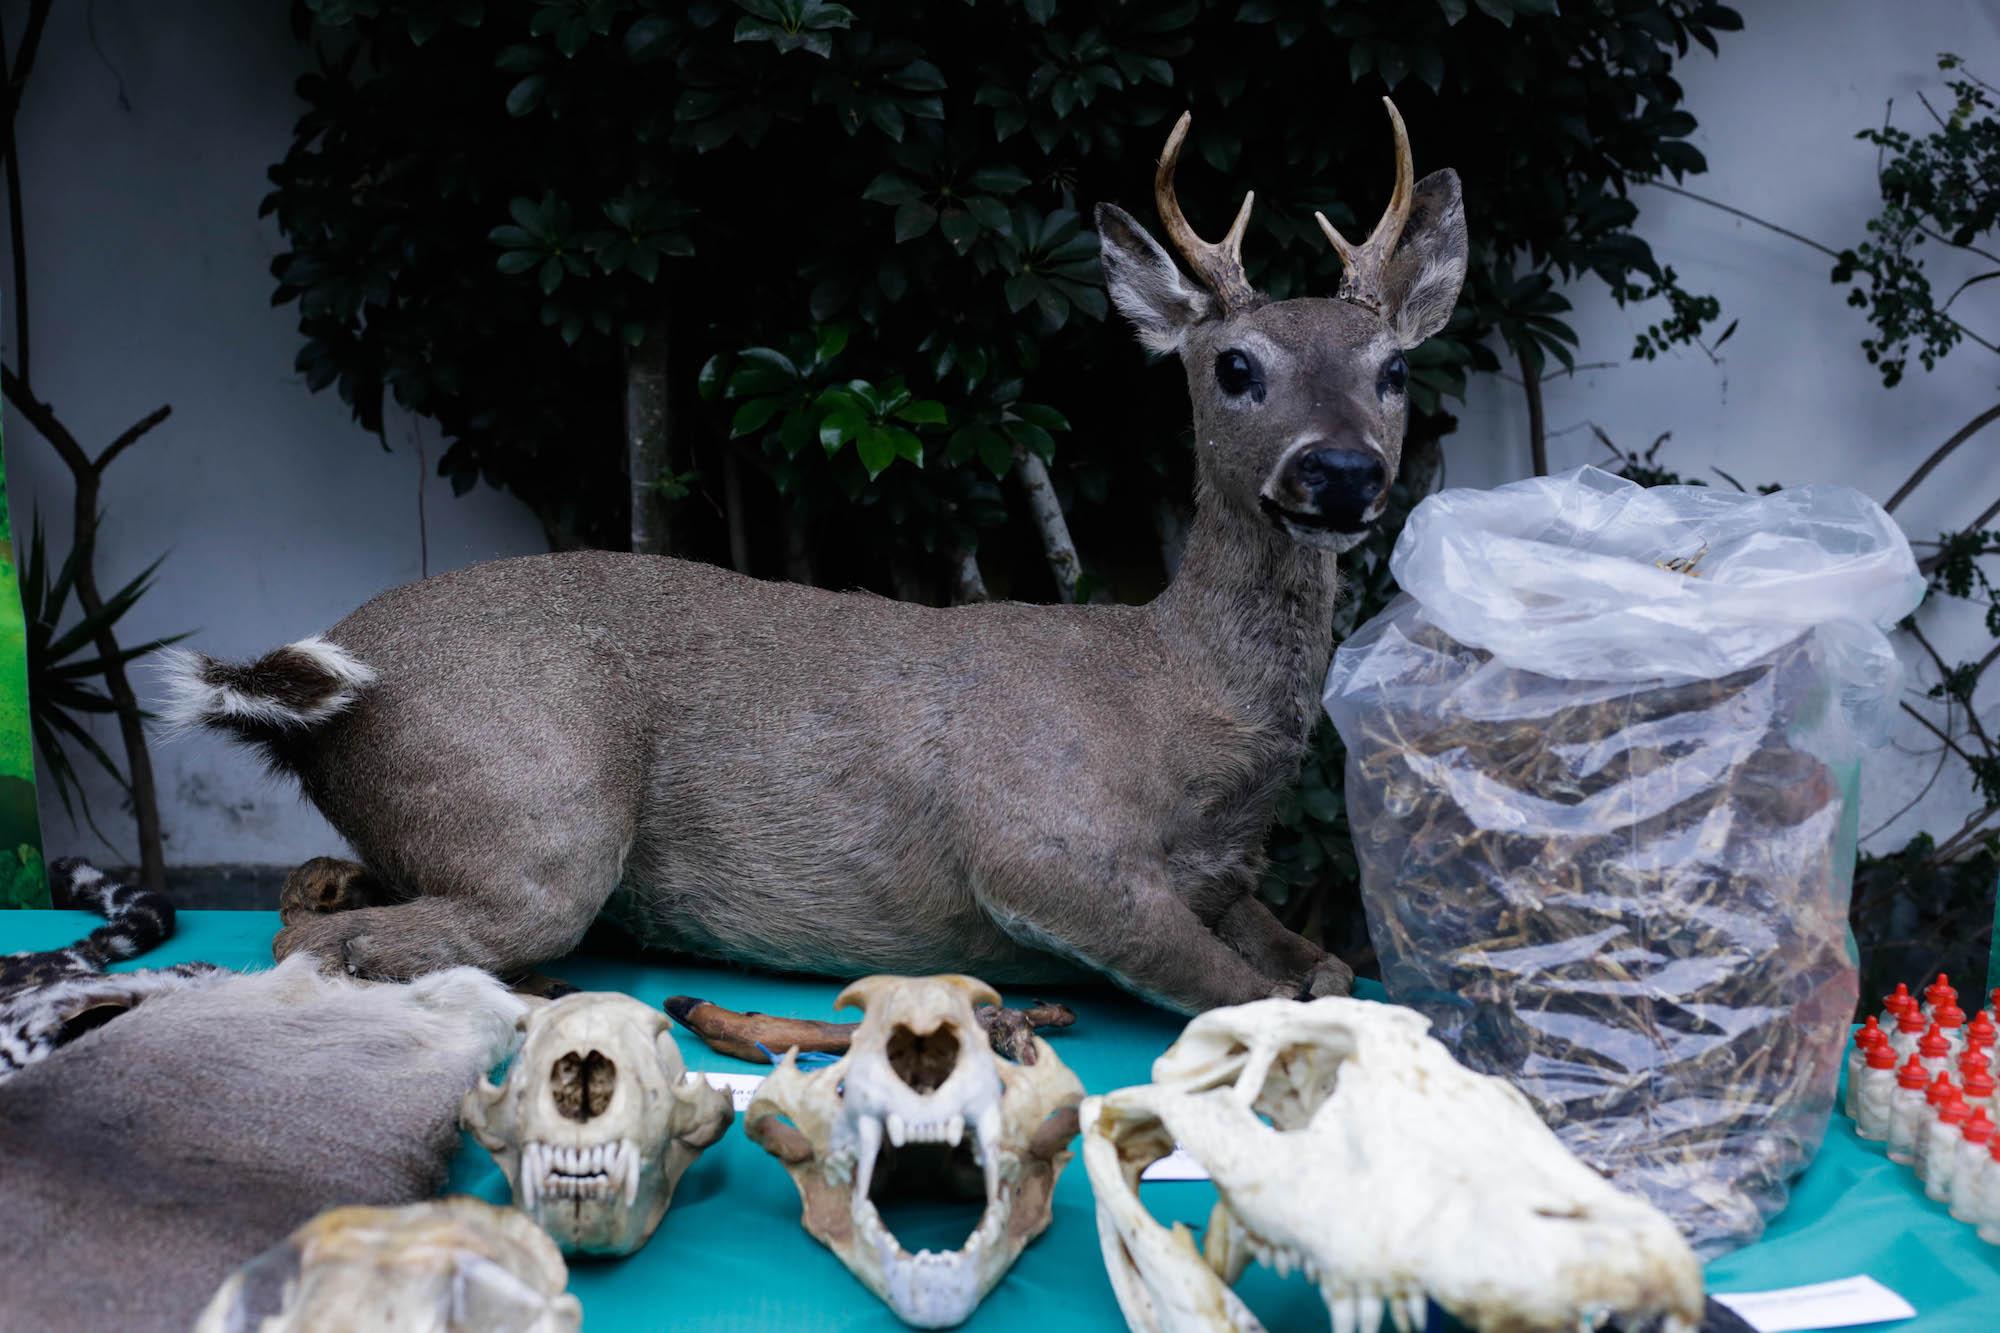 Un venado disecado se encontró en la galería del distrito de La Victoria, en Lima, durante operativo contra tráfico de especies. Foto: Serfor.